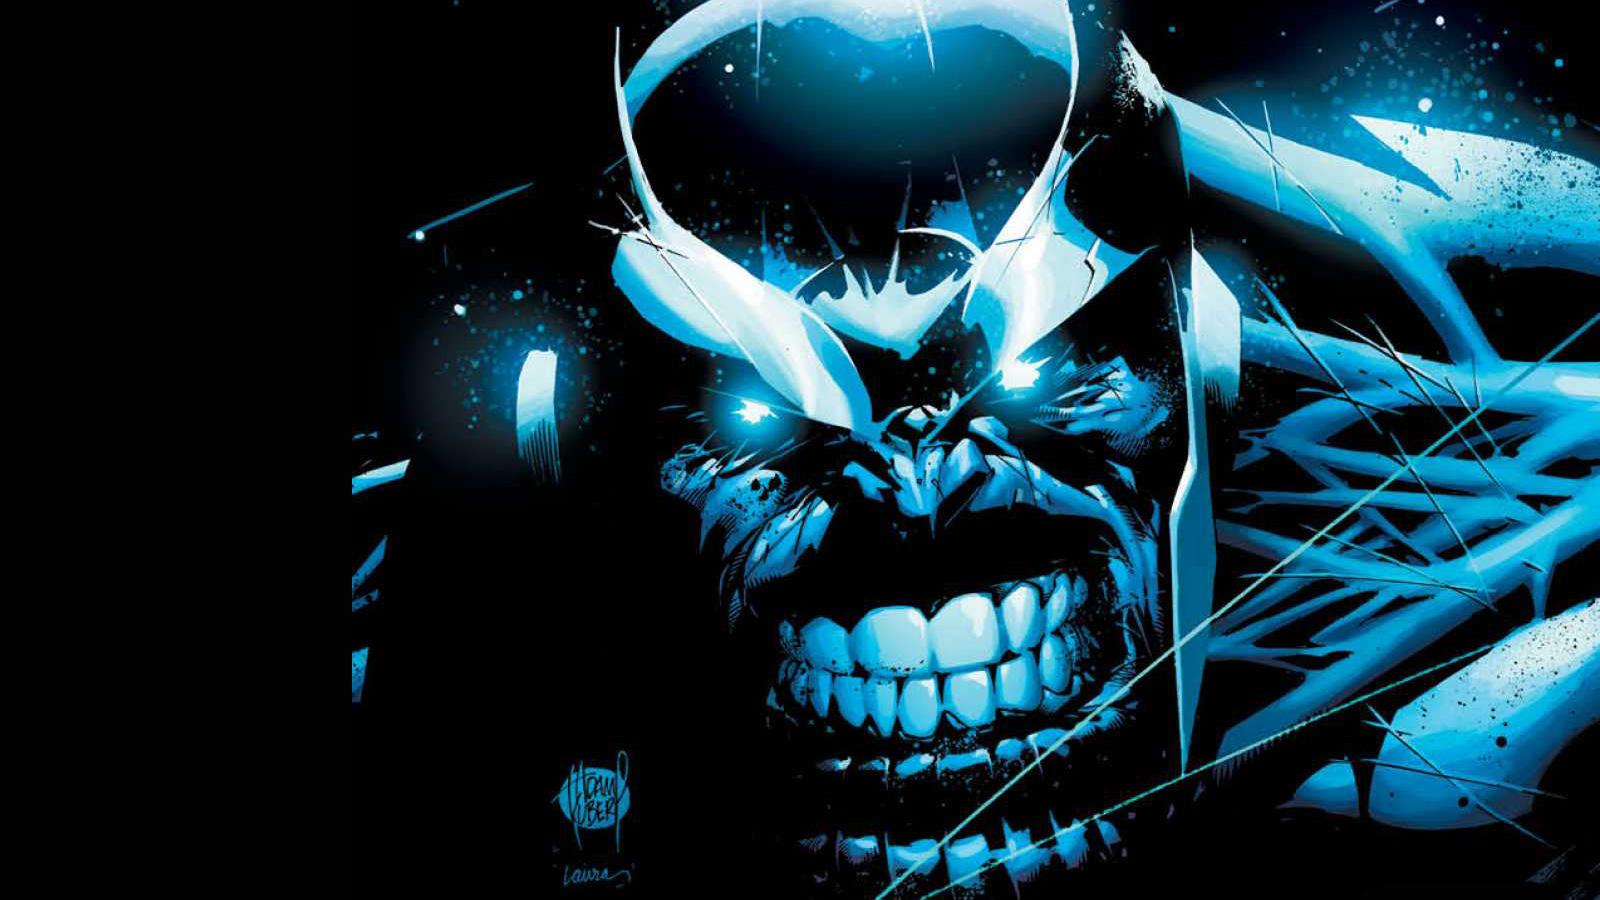 40. Nieskończoność (2013; scenariusz: Jonathan Hickman, rysunki: Jim Cheung, Jerome Opena, Dustin Weaver) – z całą pewnością jeden z najciekawszych komiksów ostatniej dekady. Armia złożona ze starożytnej kosmicznej rasy, Budowniczych, przemierza cały wszechświat, niszcząc kolejne napotkane cywilizacje. Avengers i międzygalaktyczne imperia chcą jej stawić czoło, jednak tym samym Mściciele narażają naszą planetę na niebezpieczeństwo. Ważny jest także świetnie rozpisany wątek polityczny, pokazujący relacje Ziemi z kosmiczną społecznością.